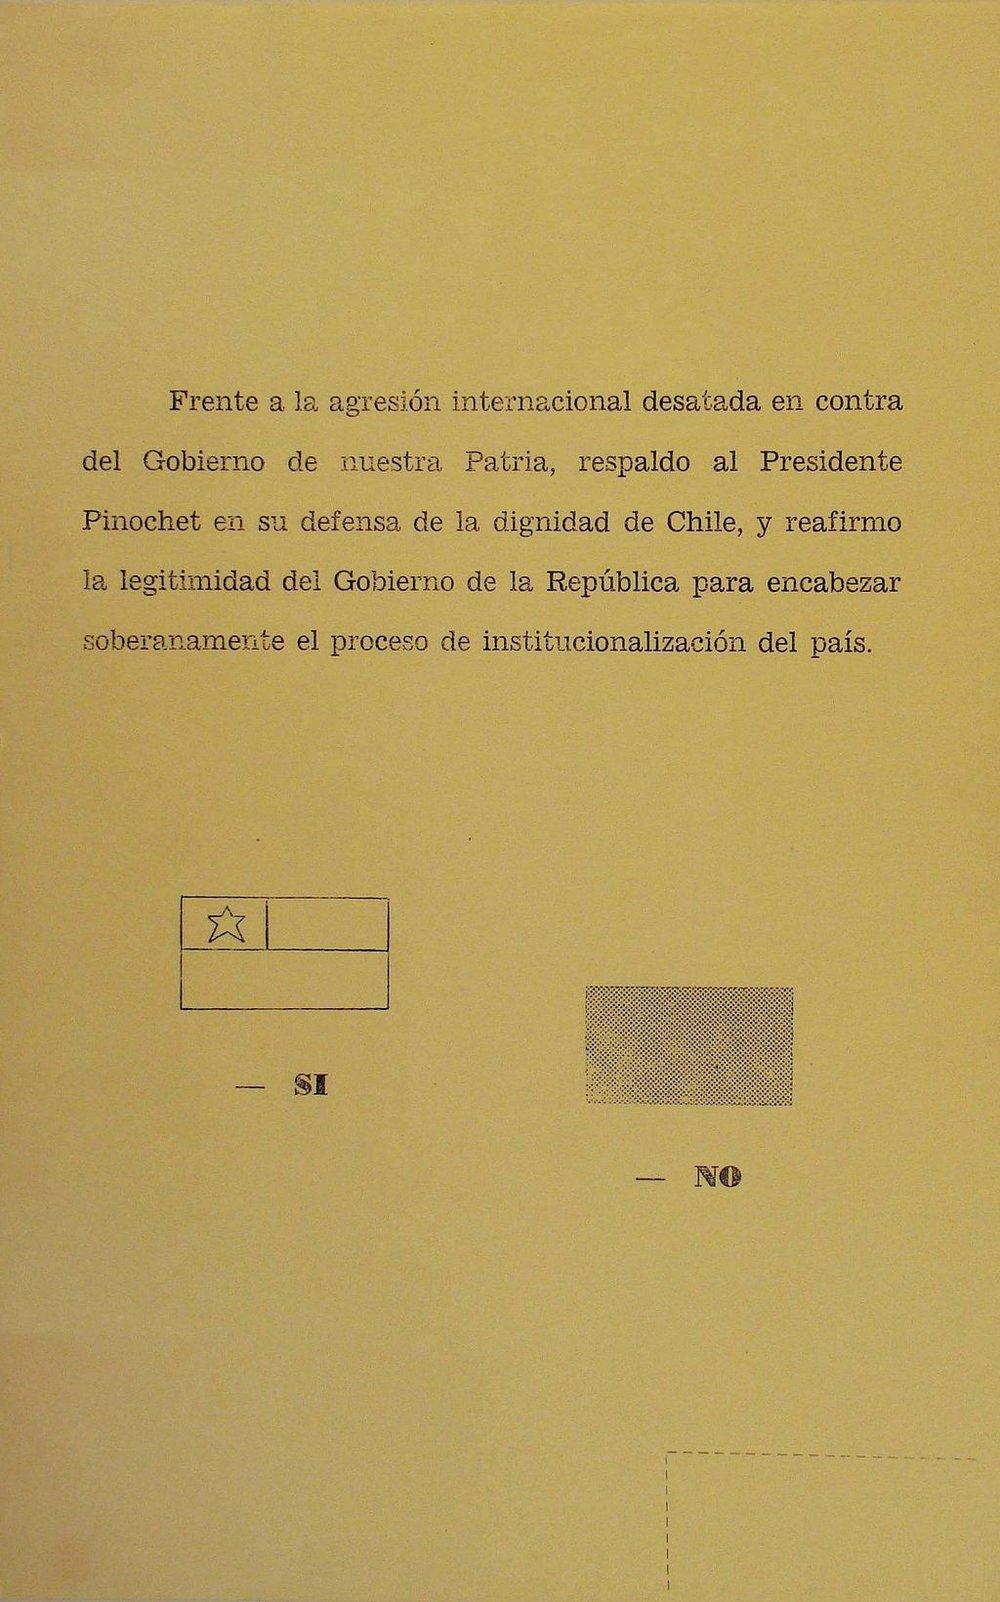 Consulta Nacional de 1978: fue un referéndum que sellevó a caboen Chile en 1978, durante el la dictadura cívico-militar para consultar a los ciudadanos si apoyaban o rechazaban a la legitimidad del gobierno. El si ganó con un 78,6%